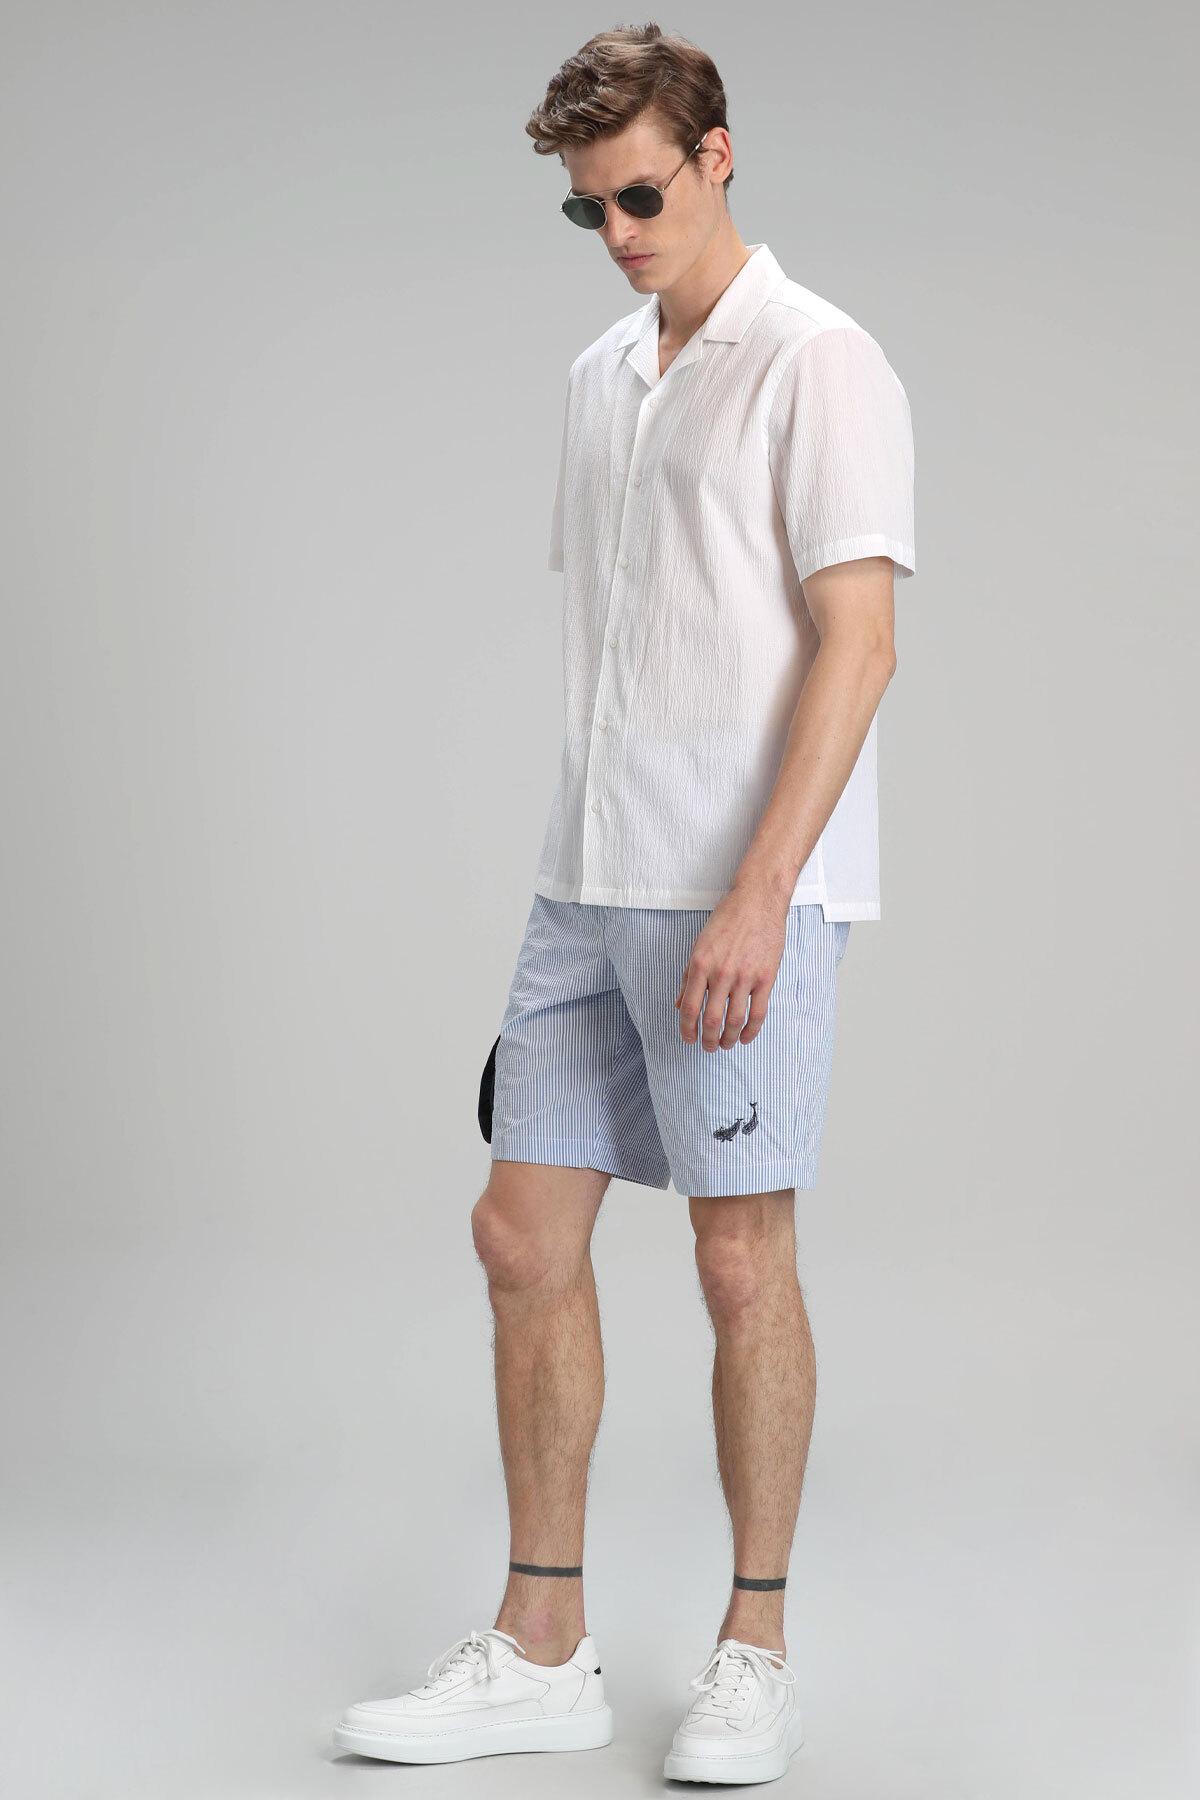 Andera Spor Erkek Chino Şort Slim Fit Mavi